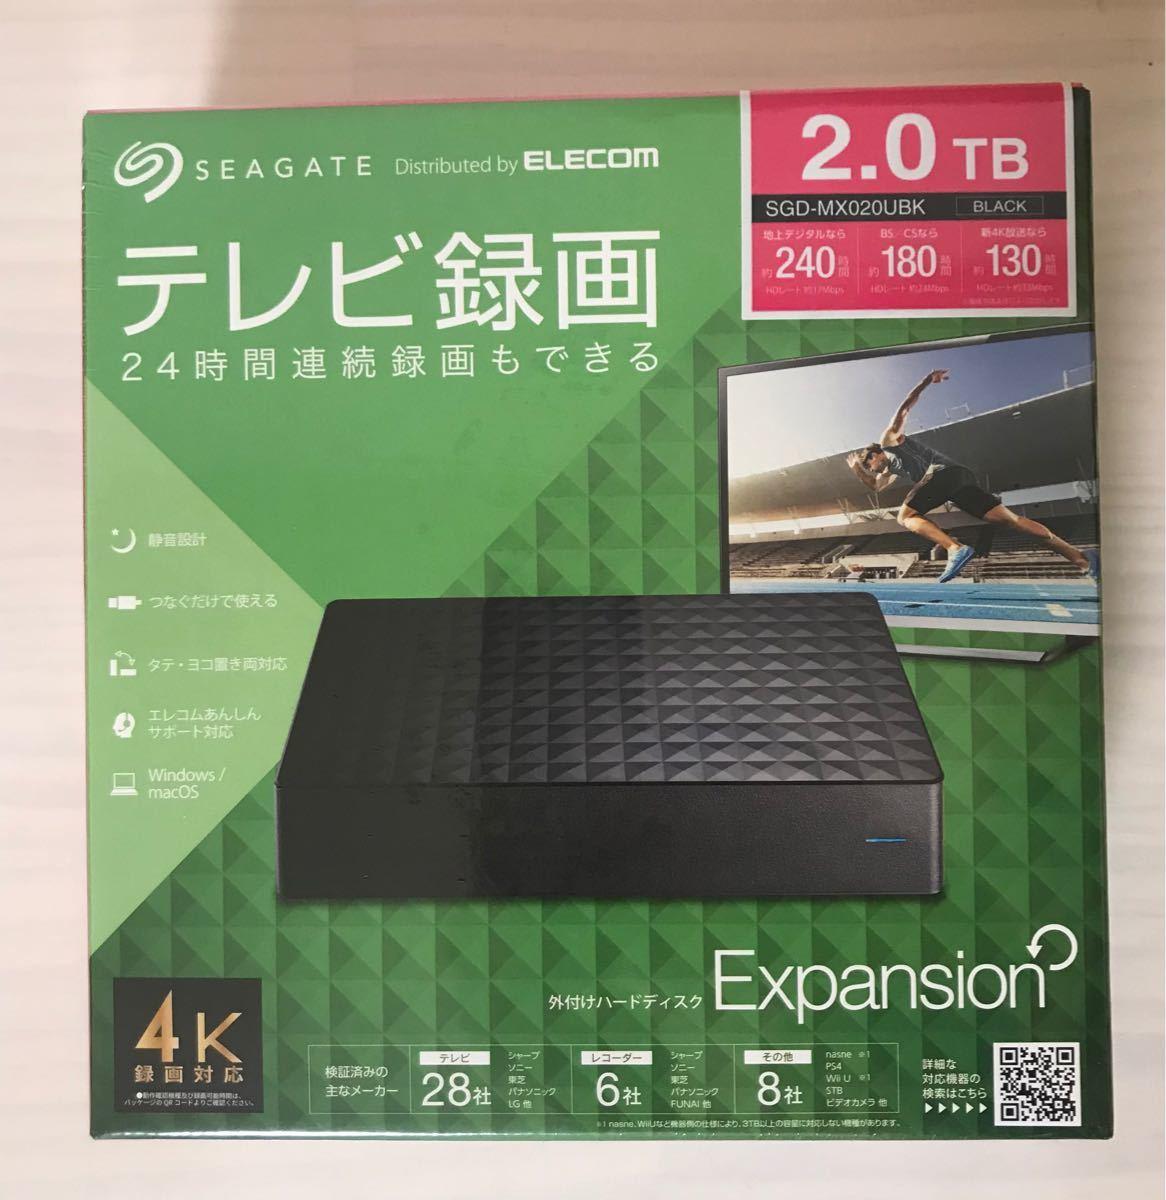 『限定セール』SGD-MX020UBK2TB 外付けハードディスク 新品未開封